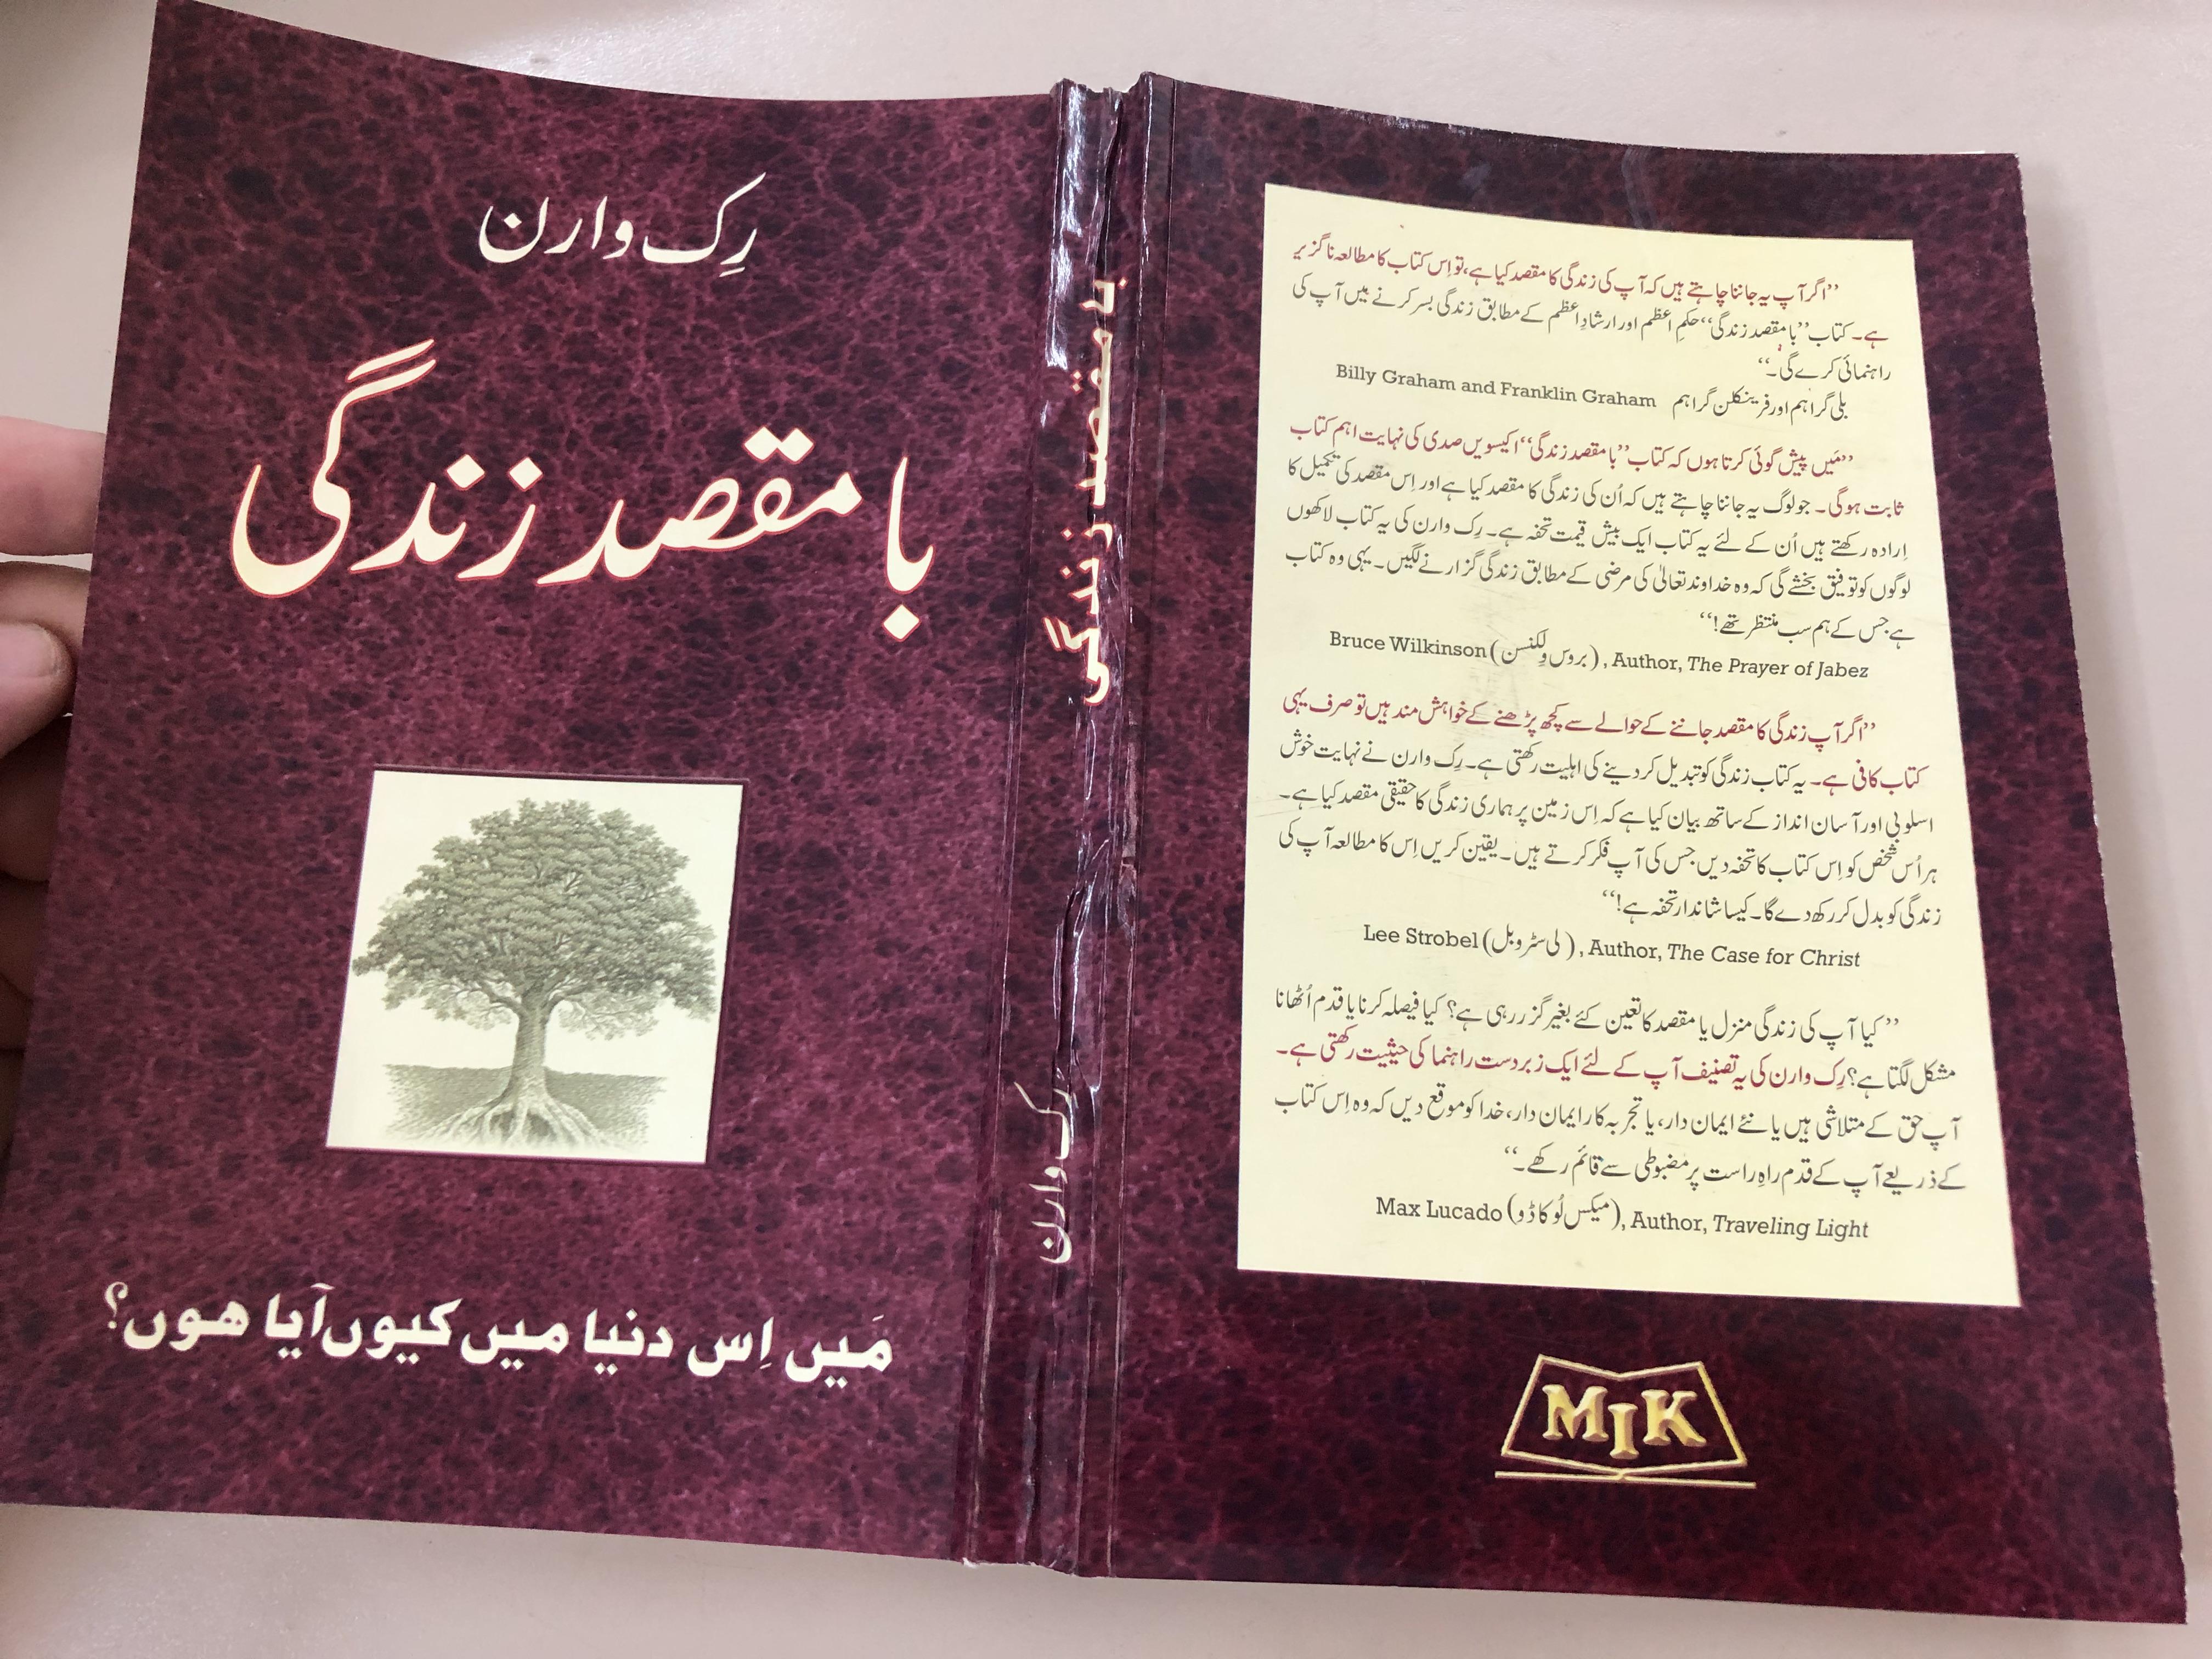 purpose-driven-life-in-urdu-by-rick-warren-masihi-isha-at-khana-paperback-2019-21-.jpg